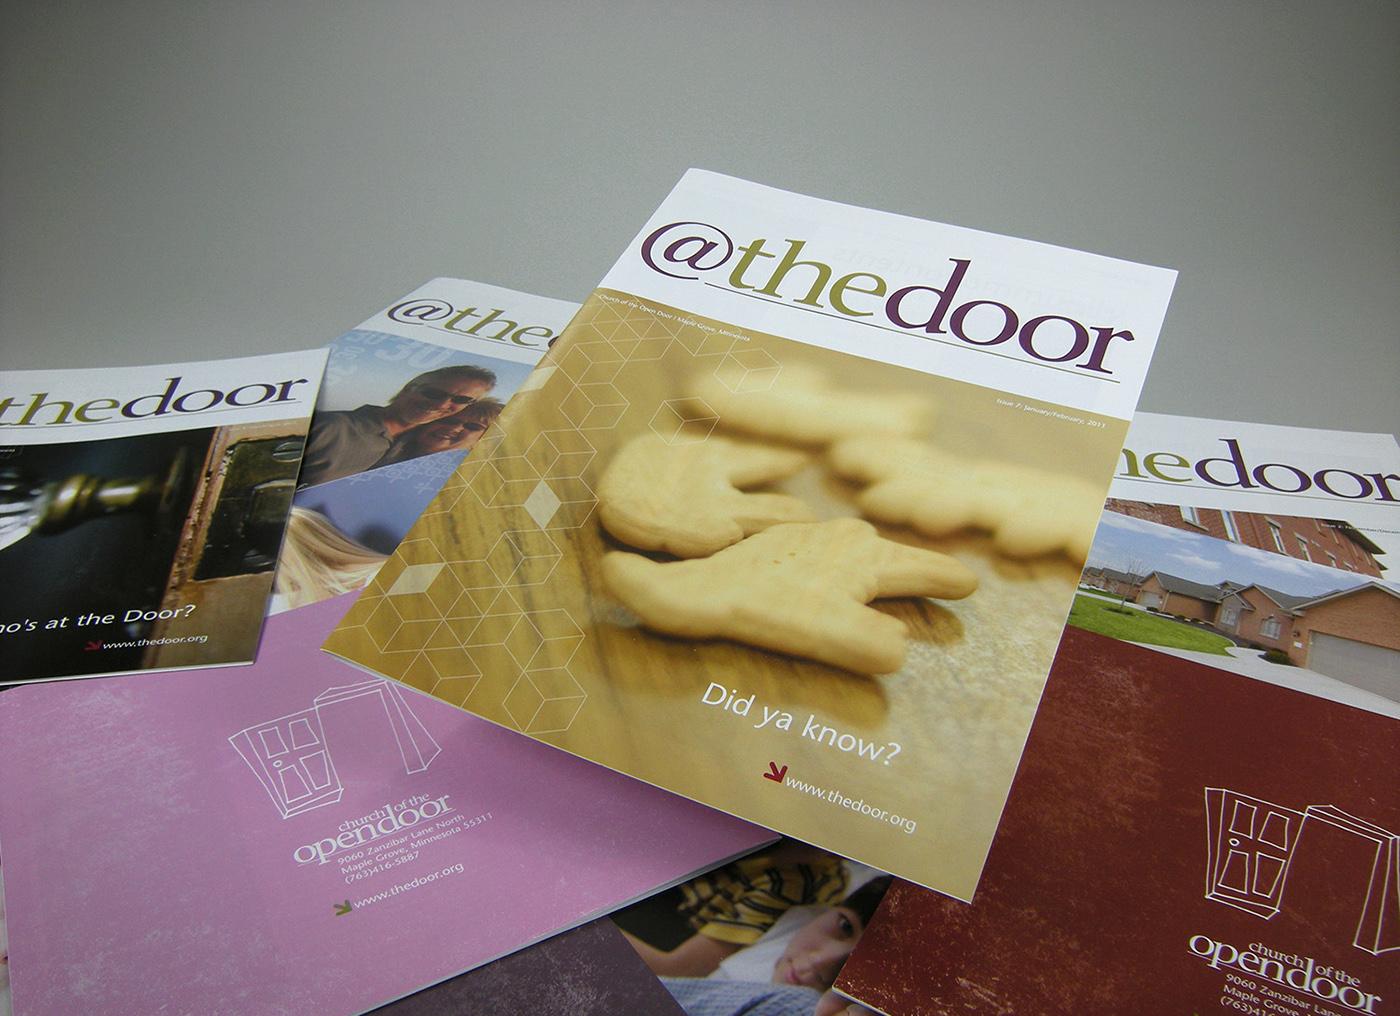 @thedoor